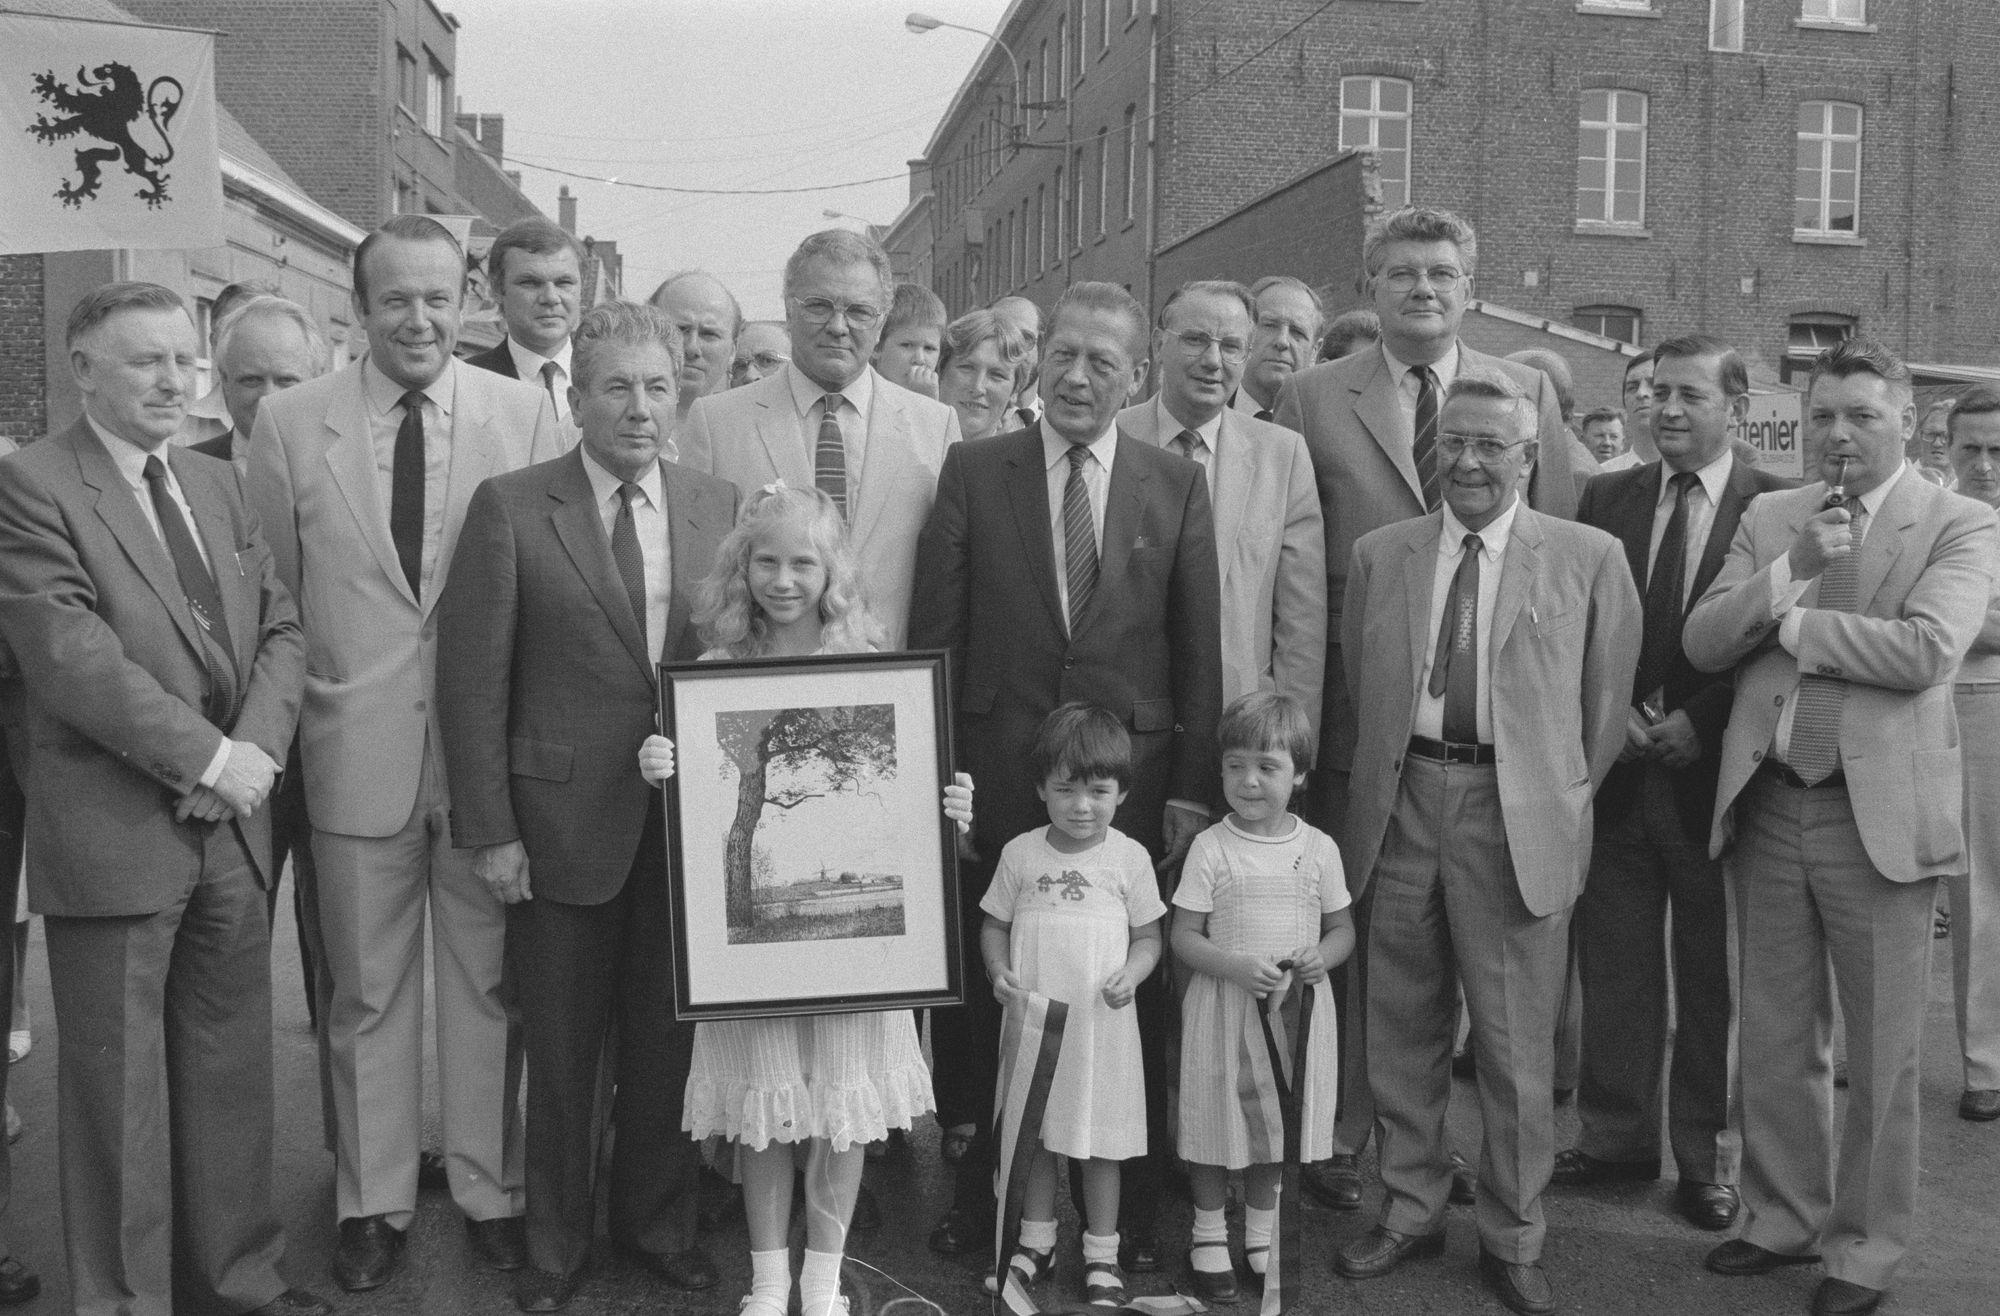 Feest in Aalbeke in 1982